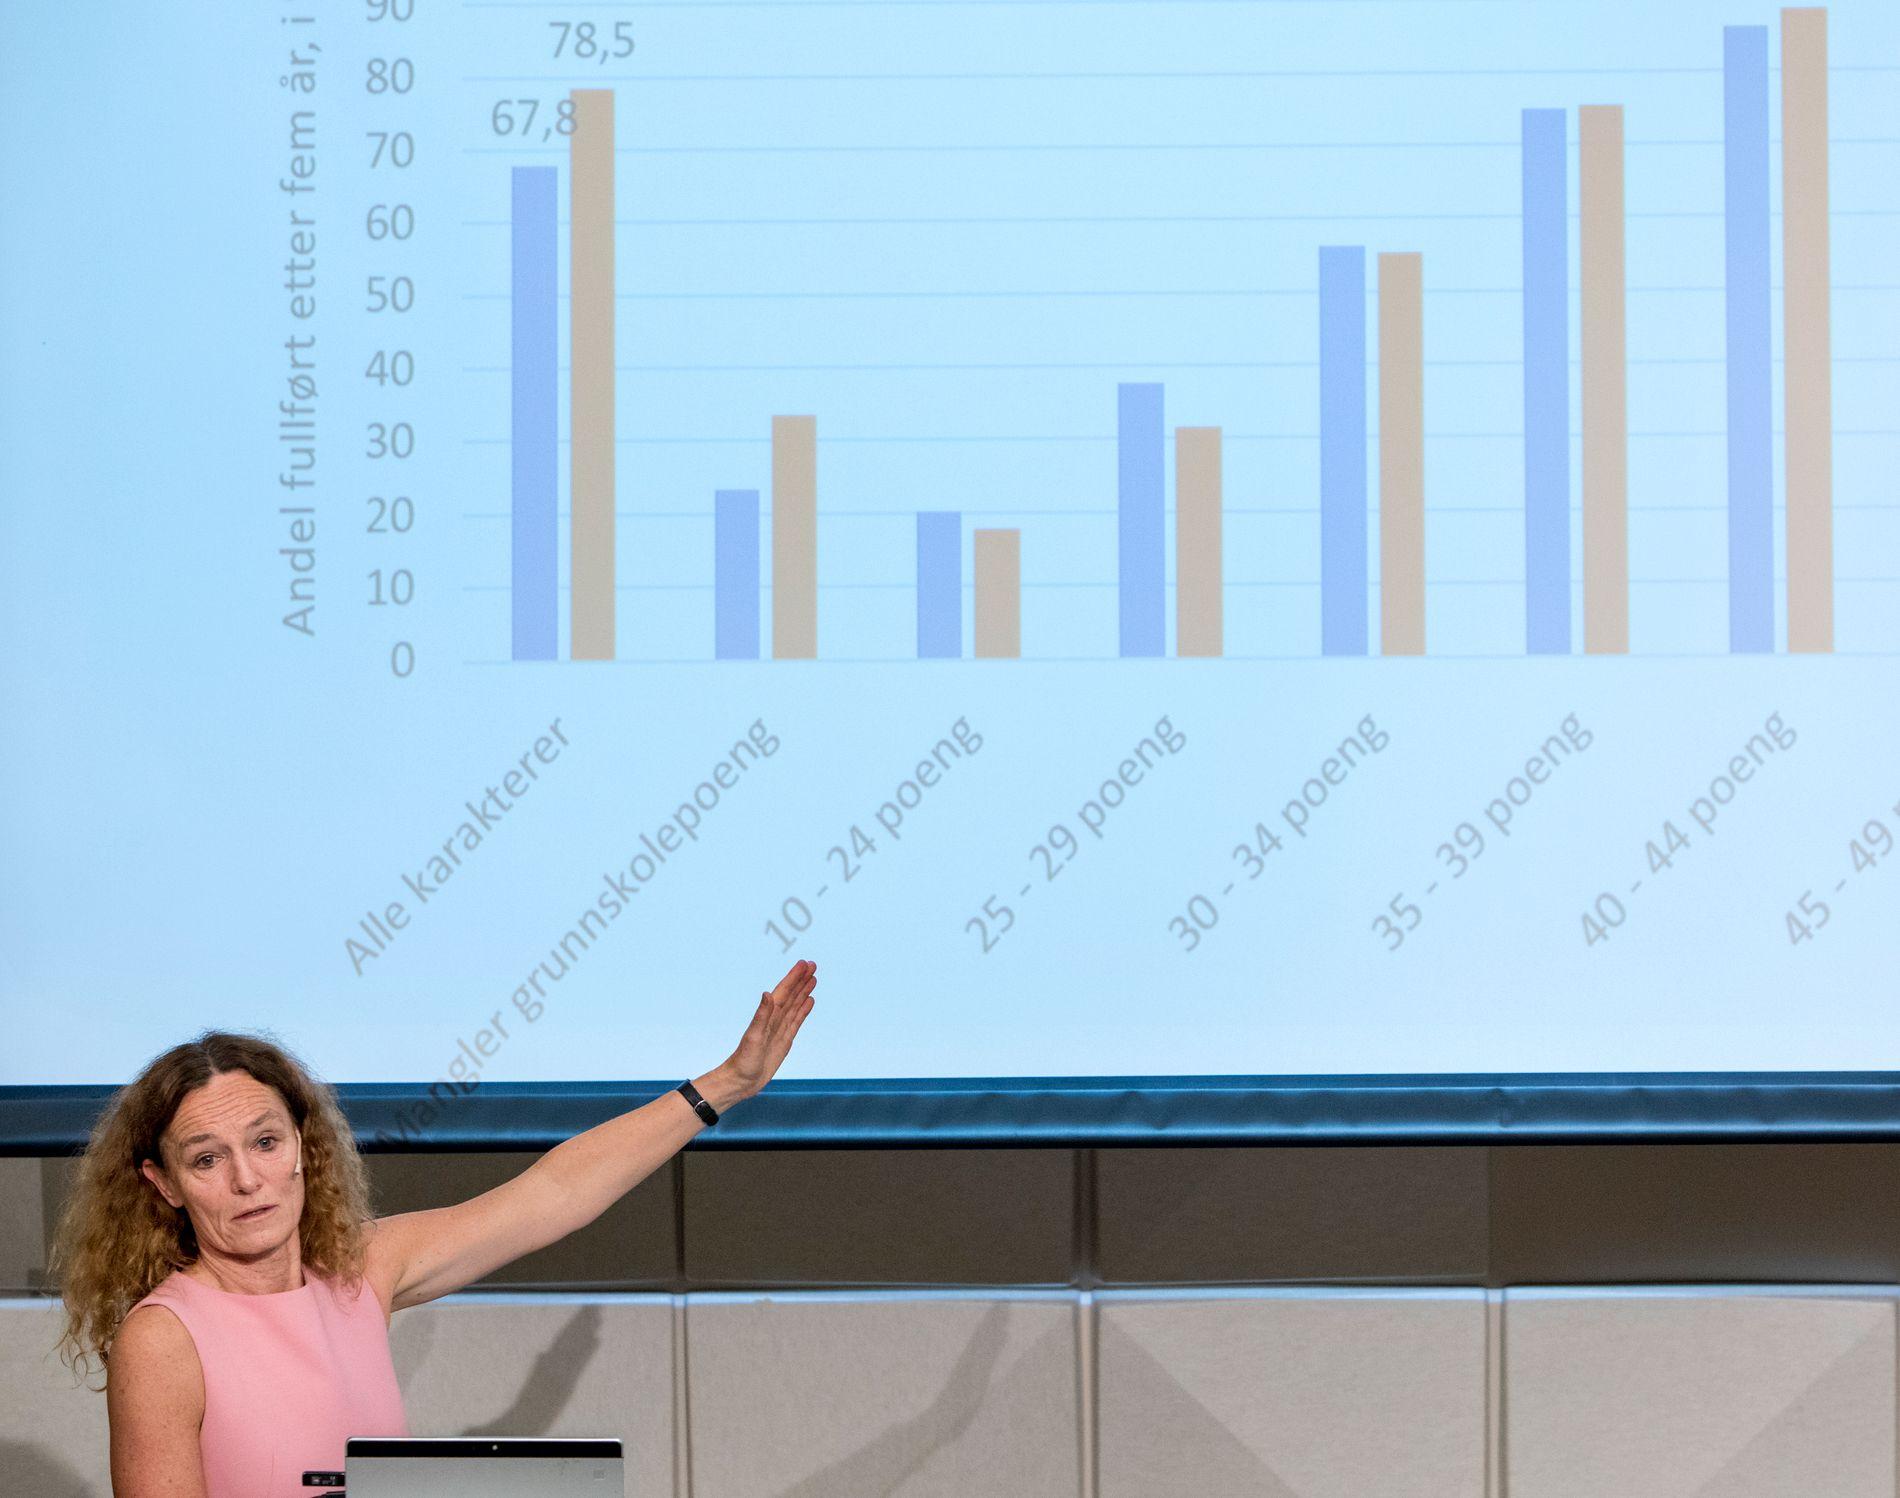 33a27aa0 Stoltenberg-utvalget: Matte-karakter bør telle mer enn mat og helse-karakter